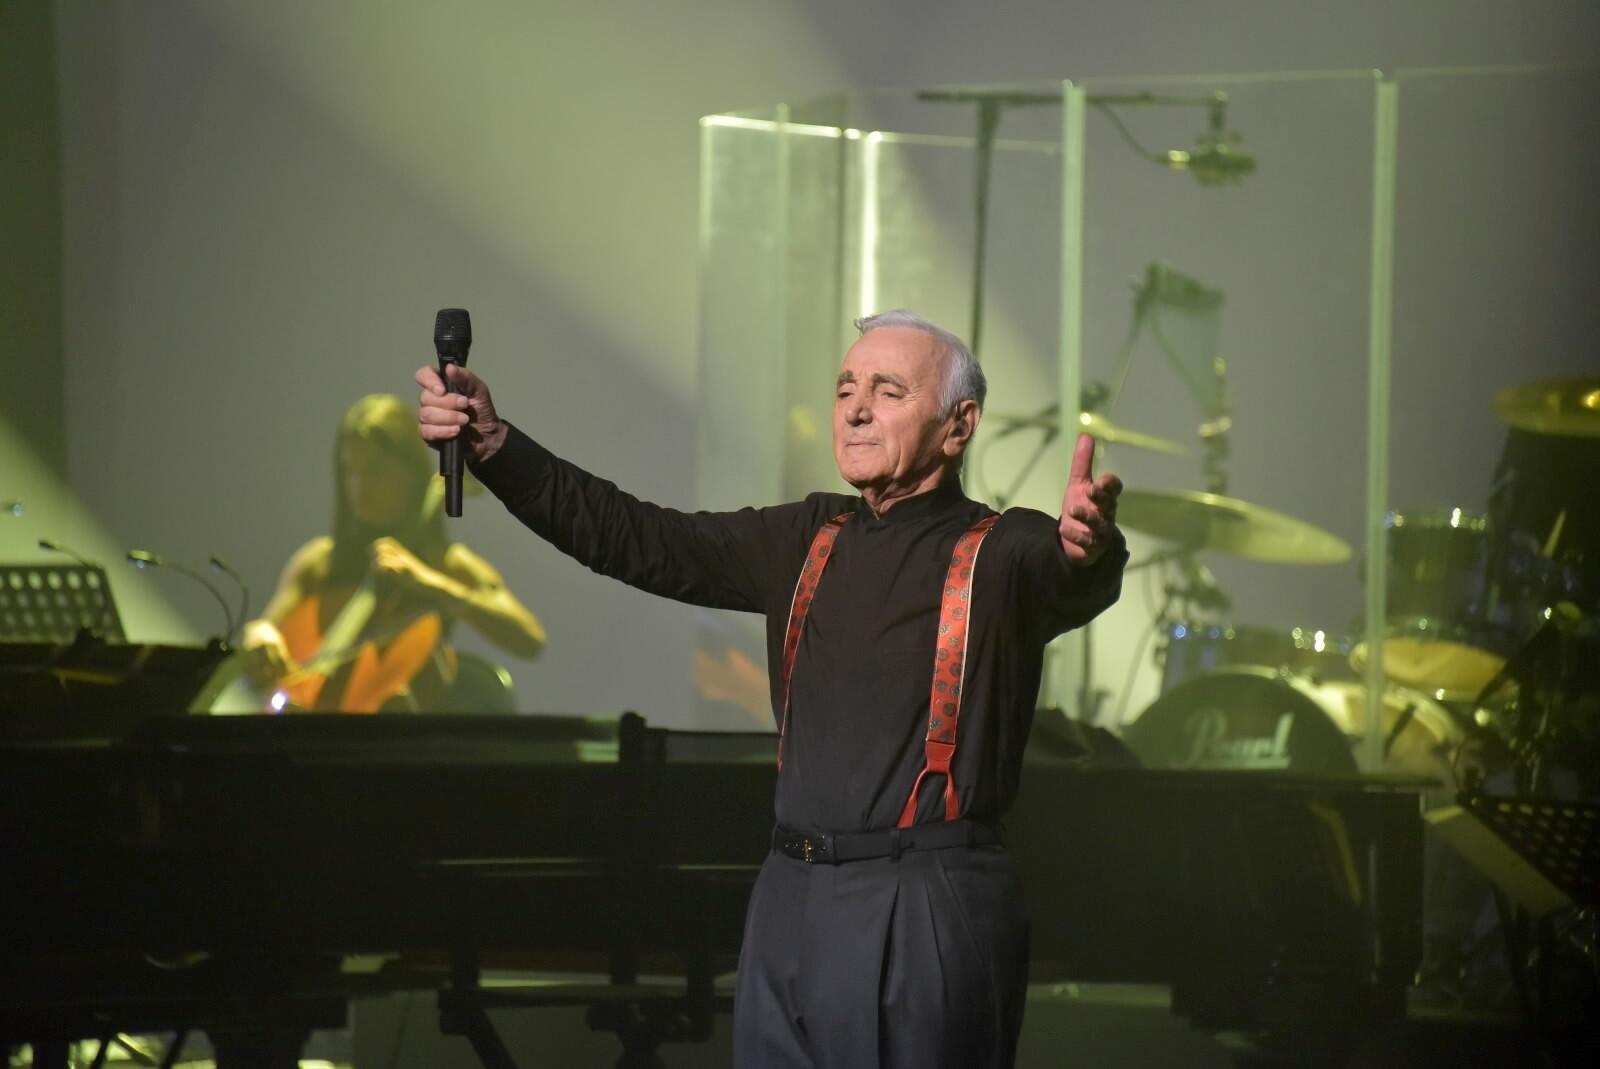 Charles Aznavour trong một buổi trình diễn tại Cung Thể Thao Paris, tháng 9/2015.